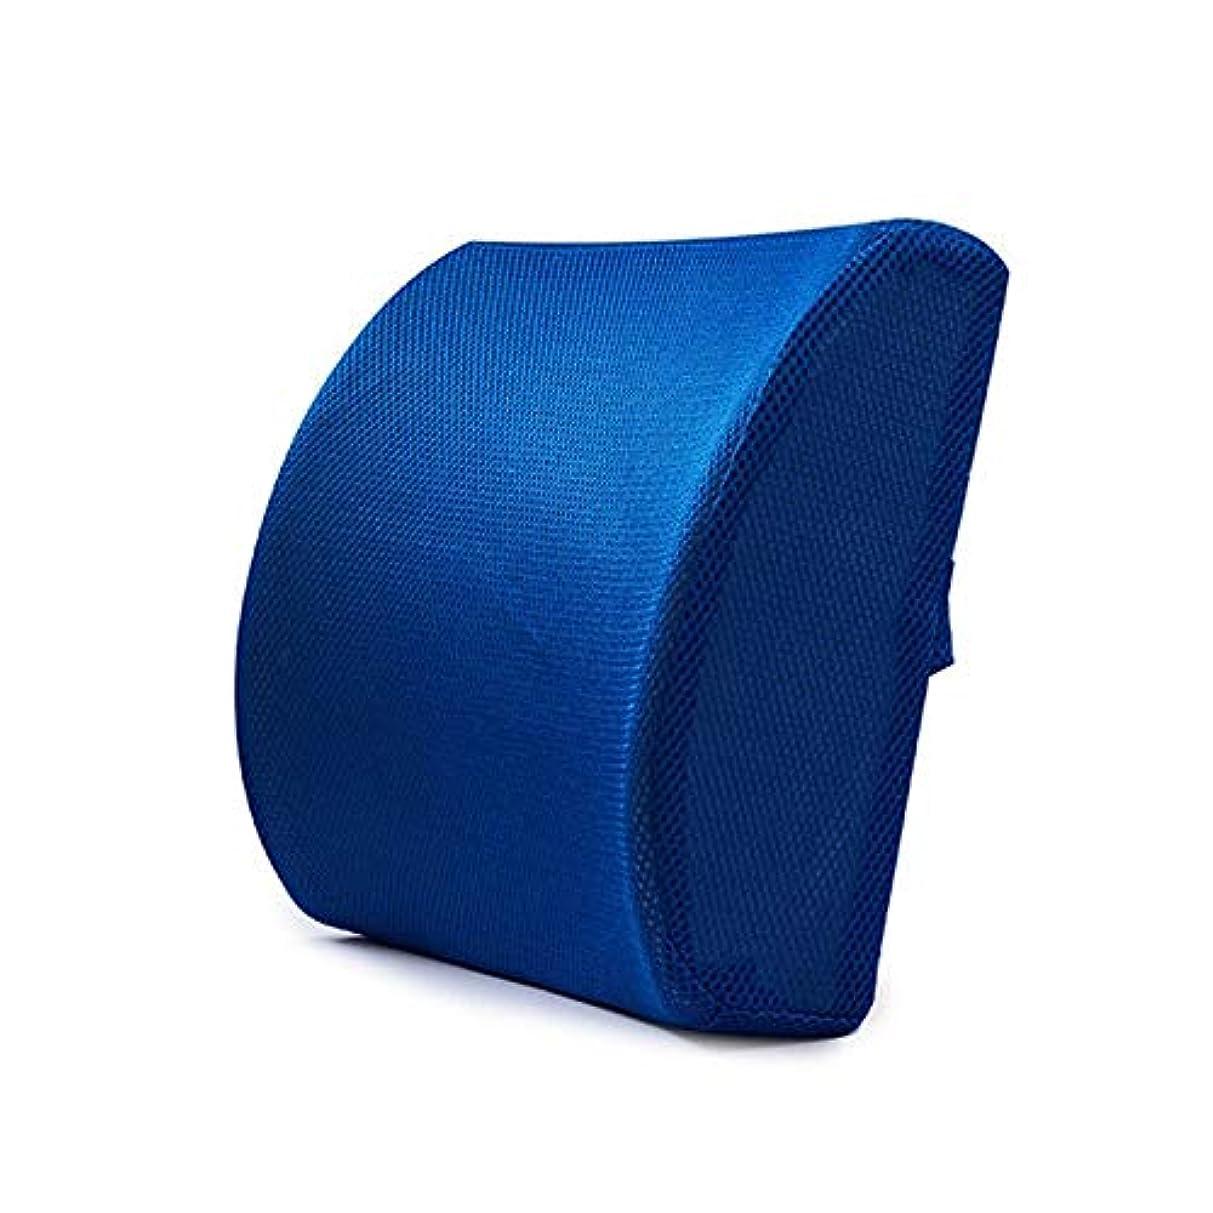 装備するマーキー無謀LIFE ホームオフィス背もたれ椅子腰椎クッションカーシートネック枕 3D 低反発サポートバックマッサージウエストレスリビング枕 クッション 椅子